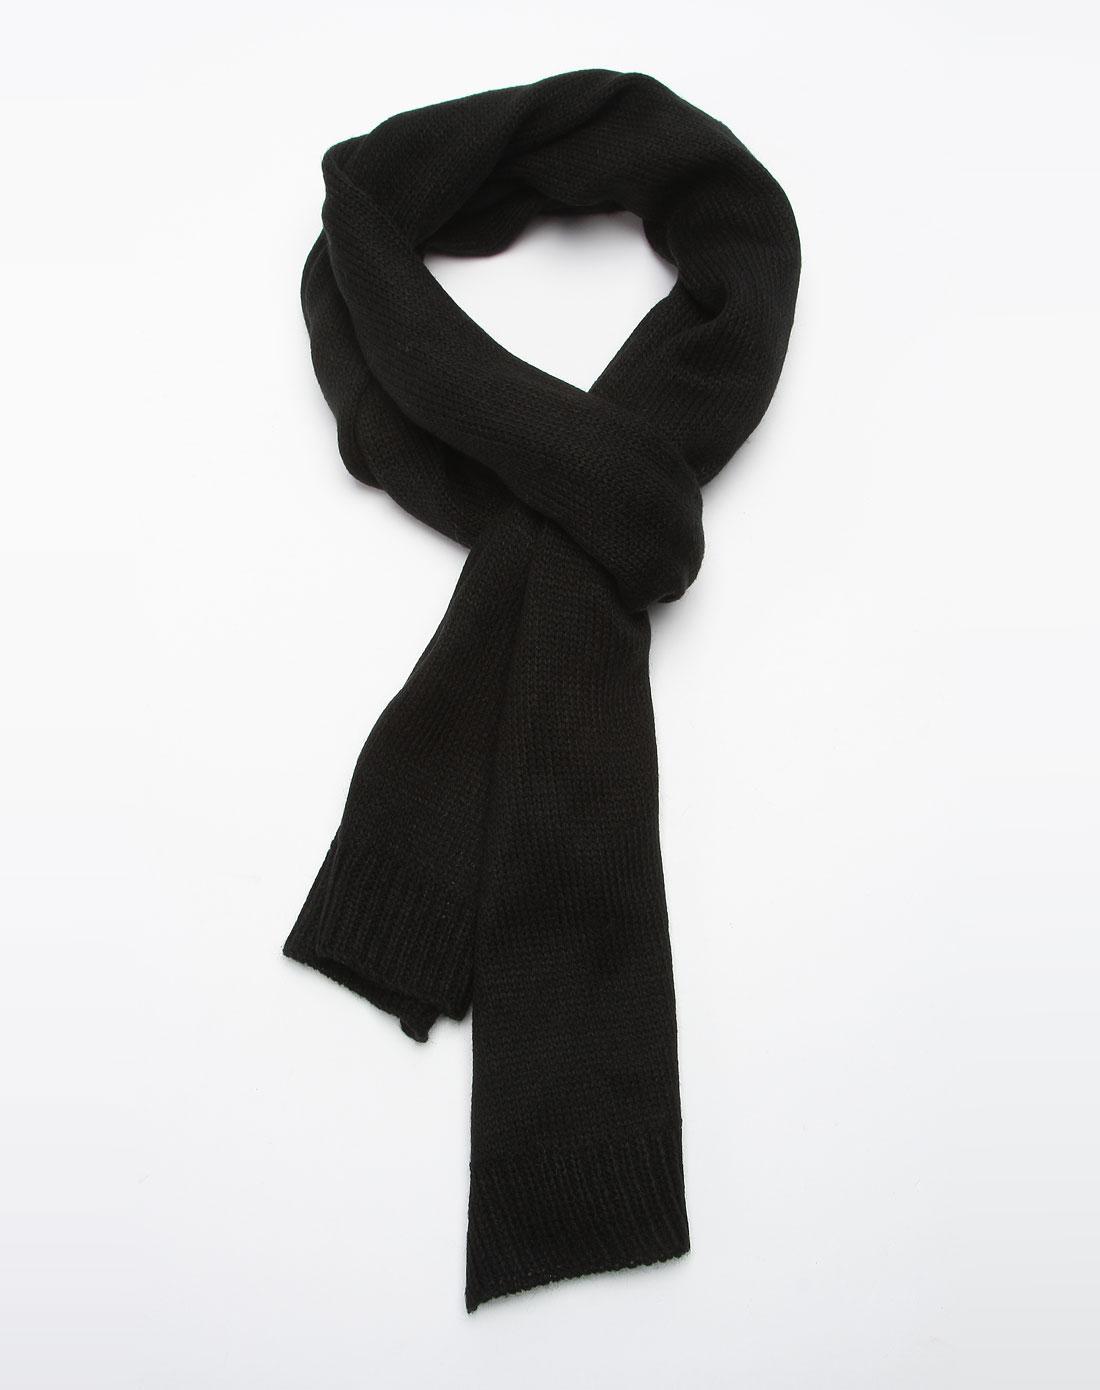 森马男装专场-黑色舒适围巾图片